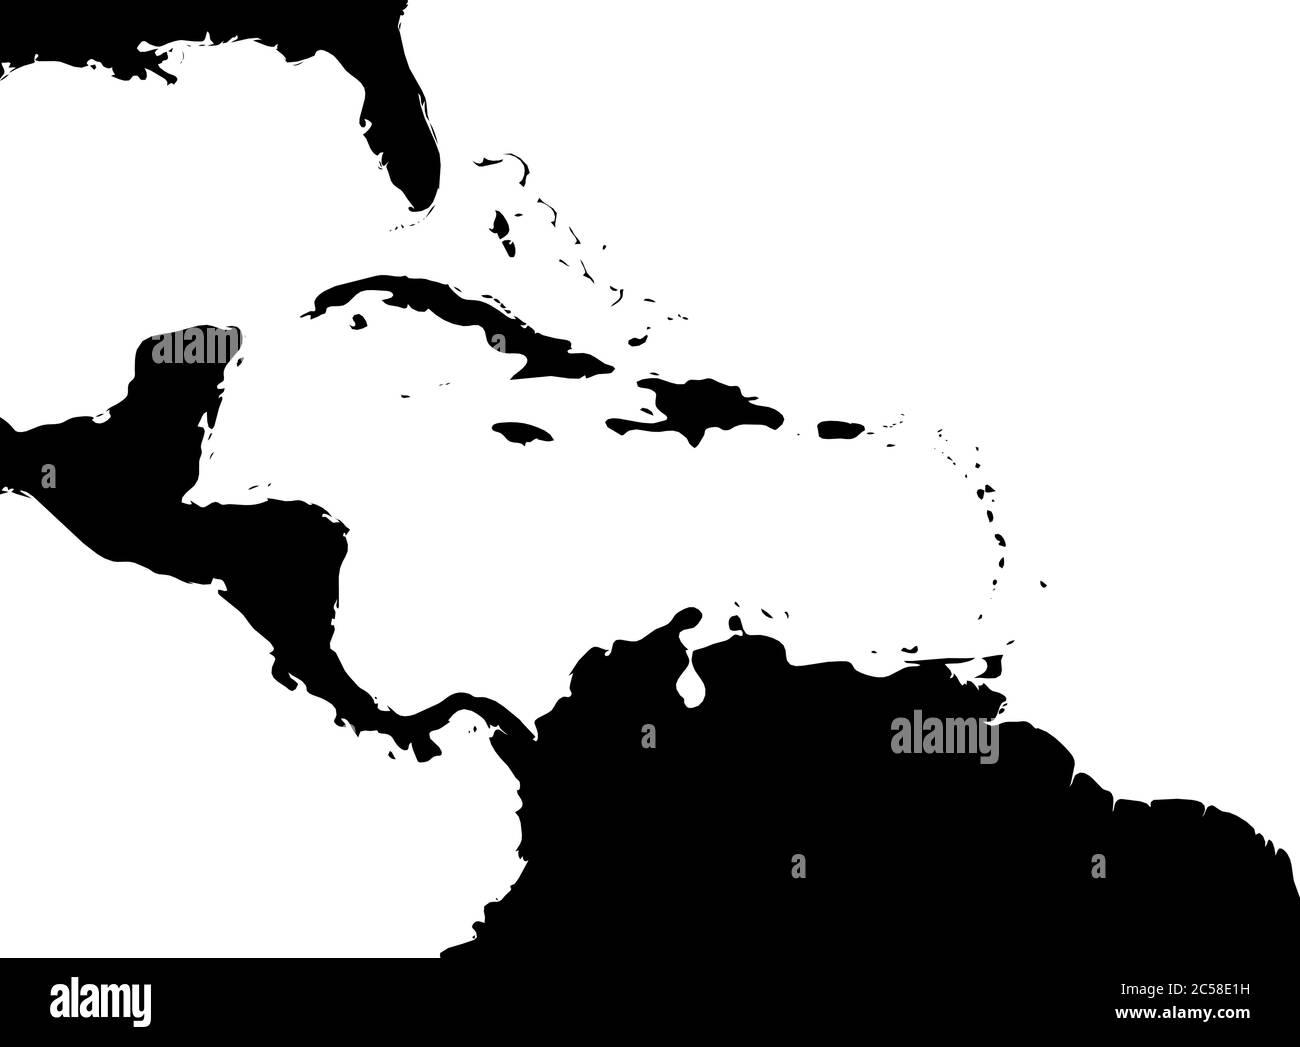 Carte de la région des Caraïbes et de l'Amérique centrale. Silhouette de terre noire et eau blanche. Illustration simple à vecteur plat. Illustration de Vecteur